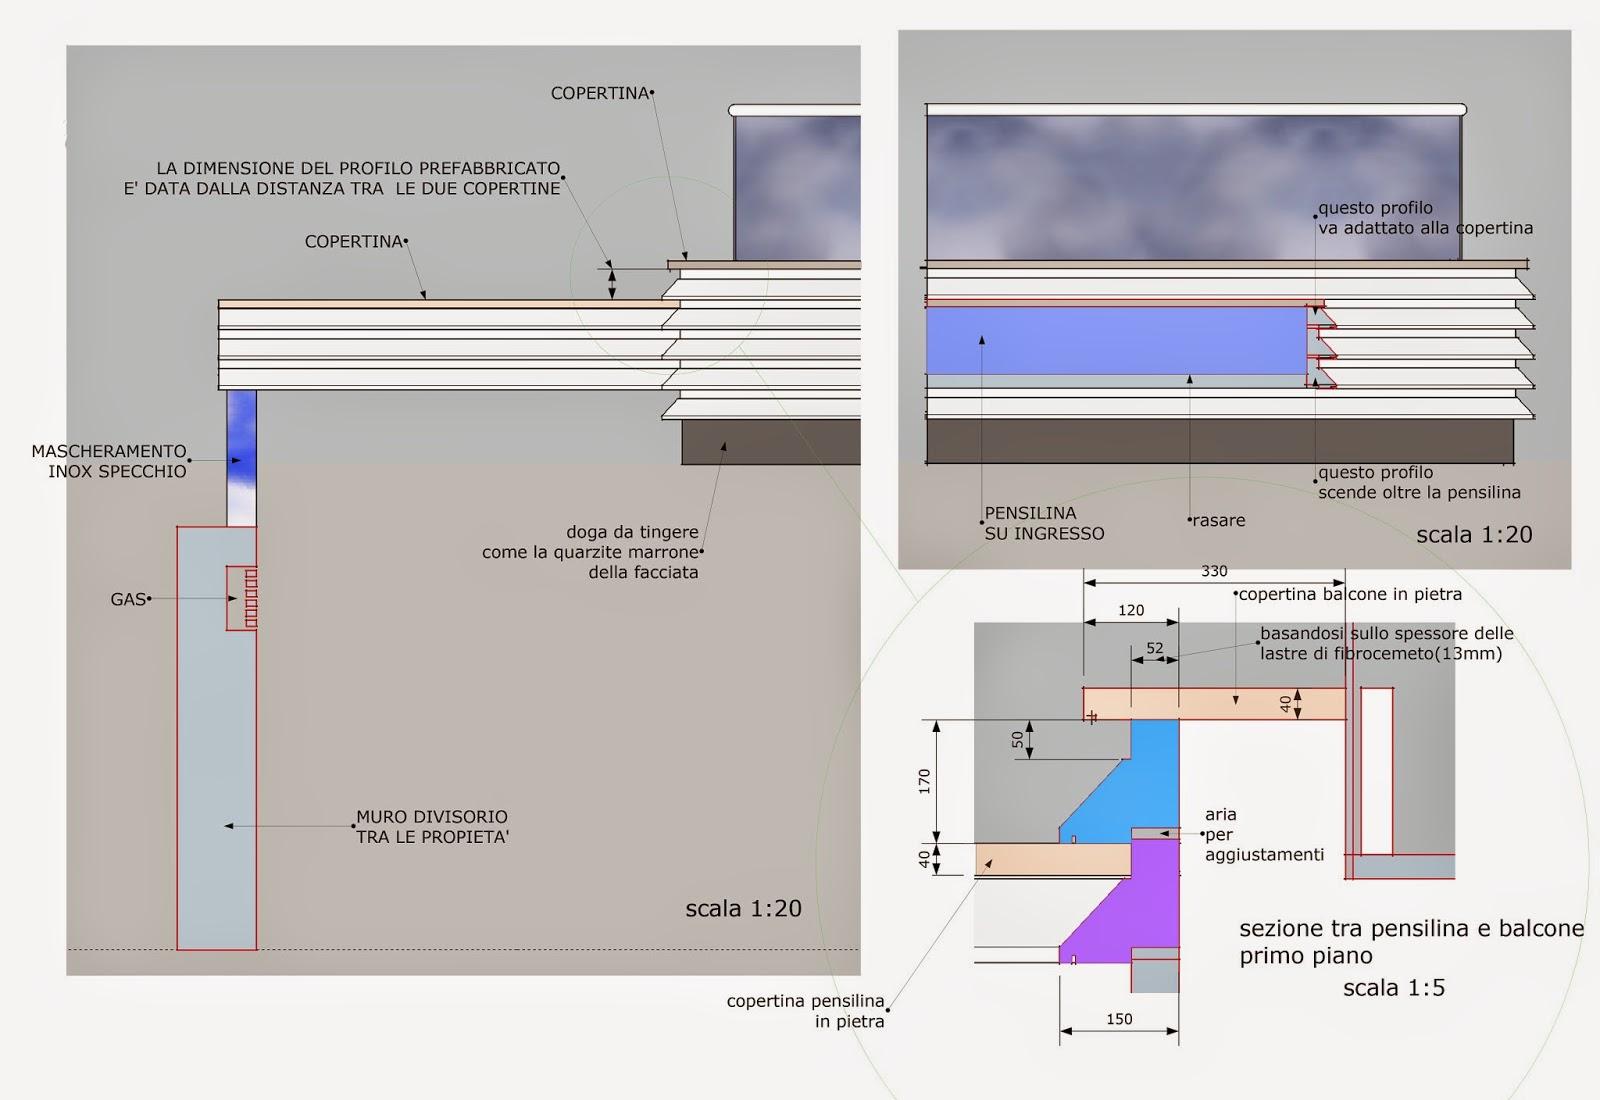 profile decorative pentru fatade blocuri cu proiect detaliat. panouri decorative, termosistem decorativ